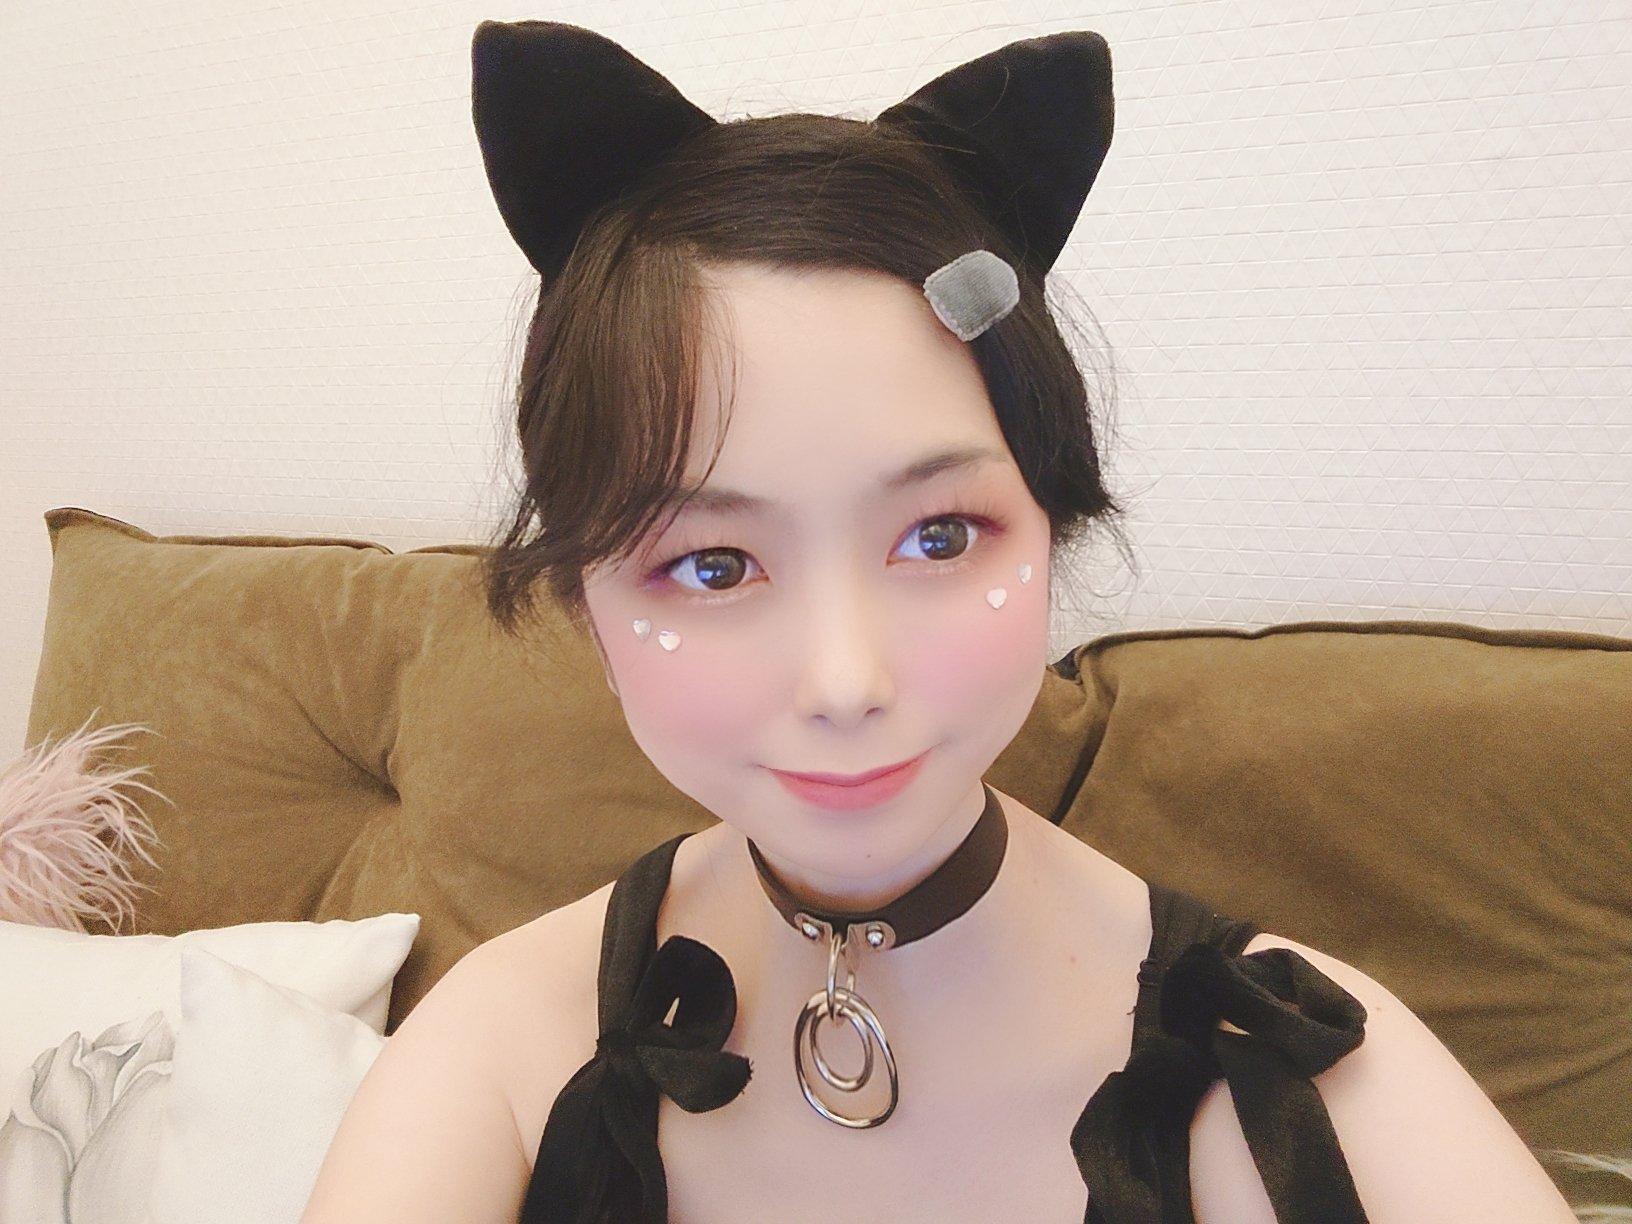 ☆+はるか+☆ちゃんのツイート